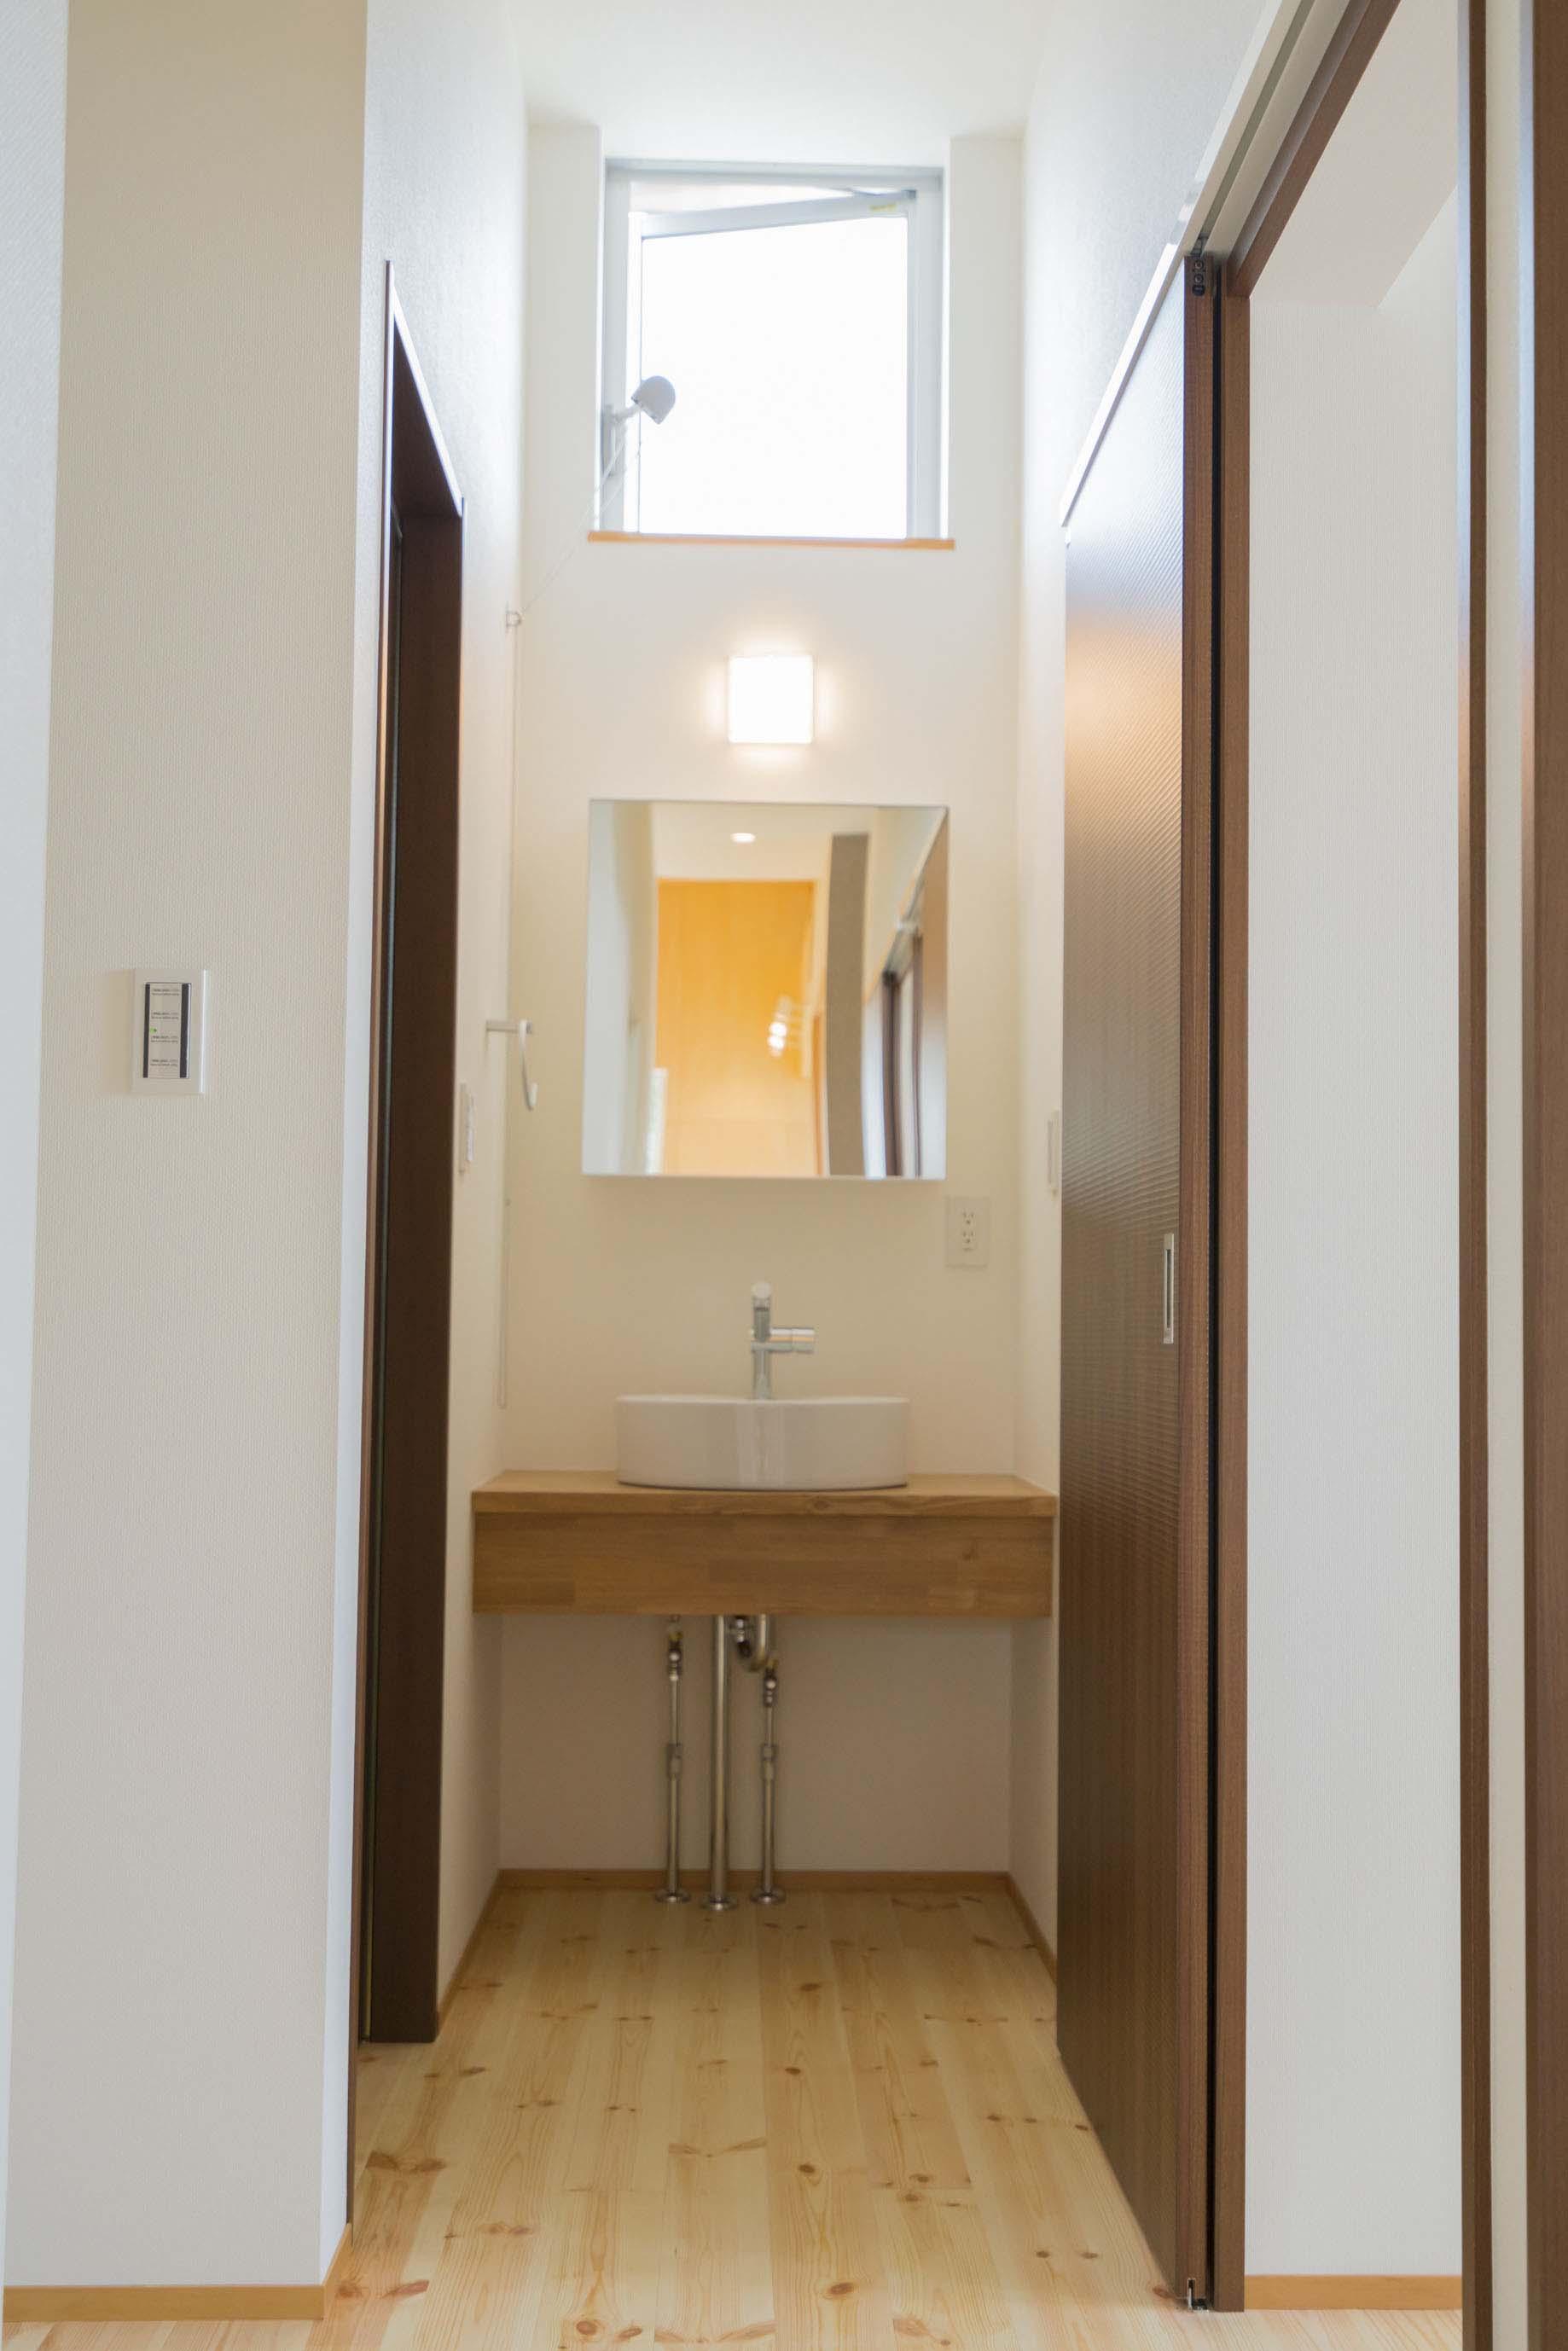 公園前の2世帯の住まいの部屋 シンプルな洗面台